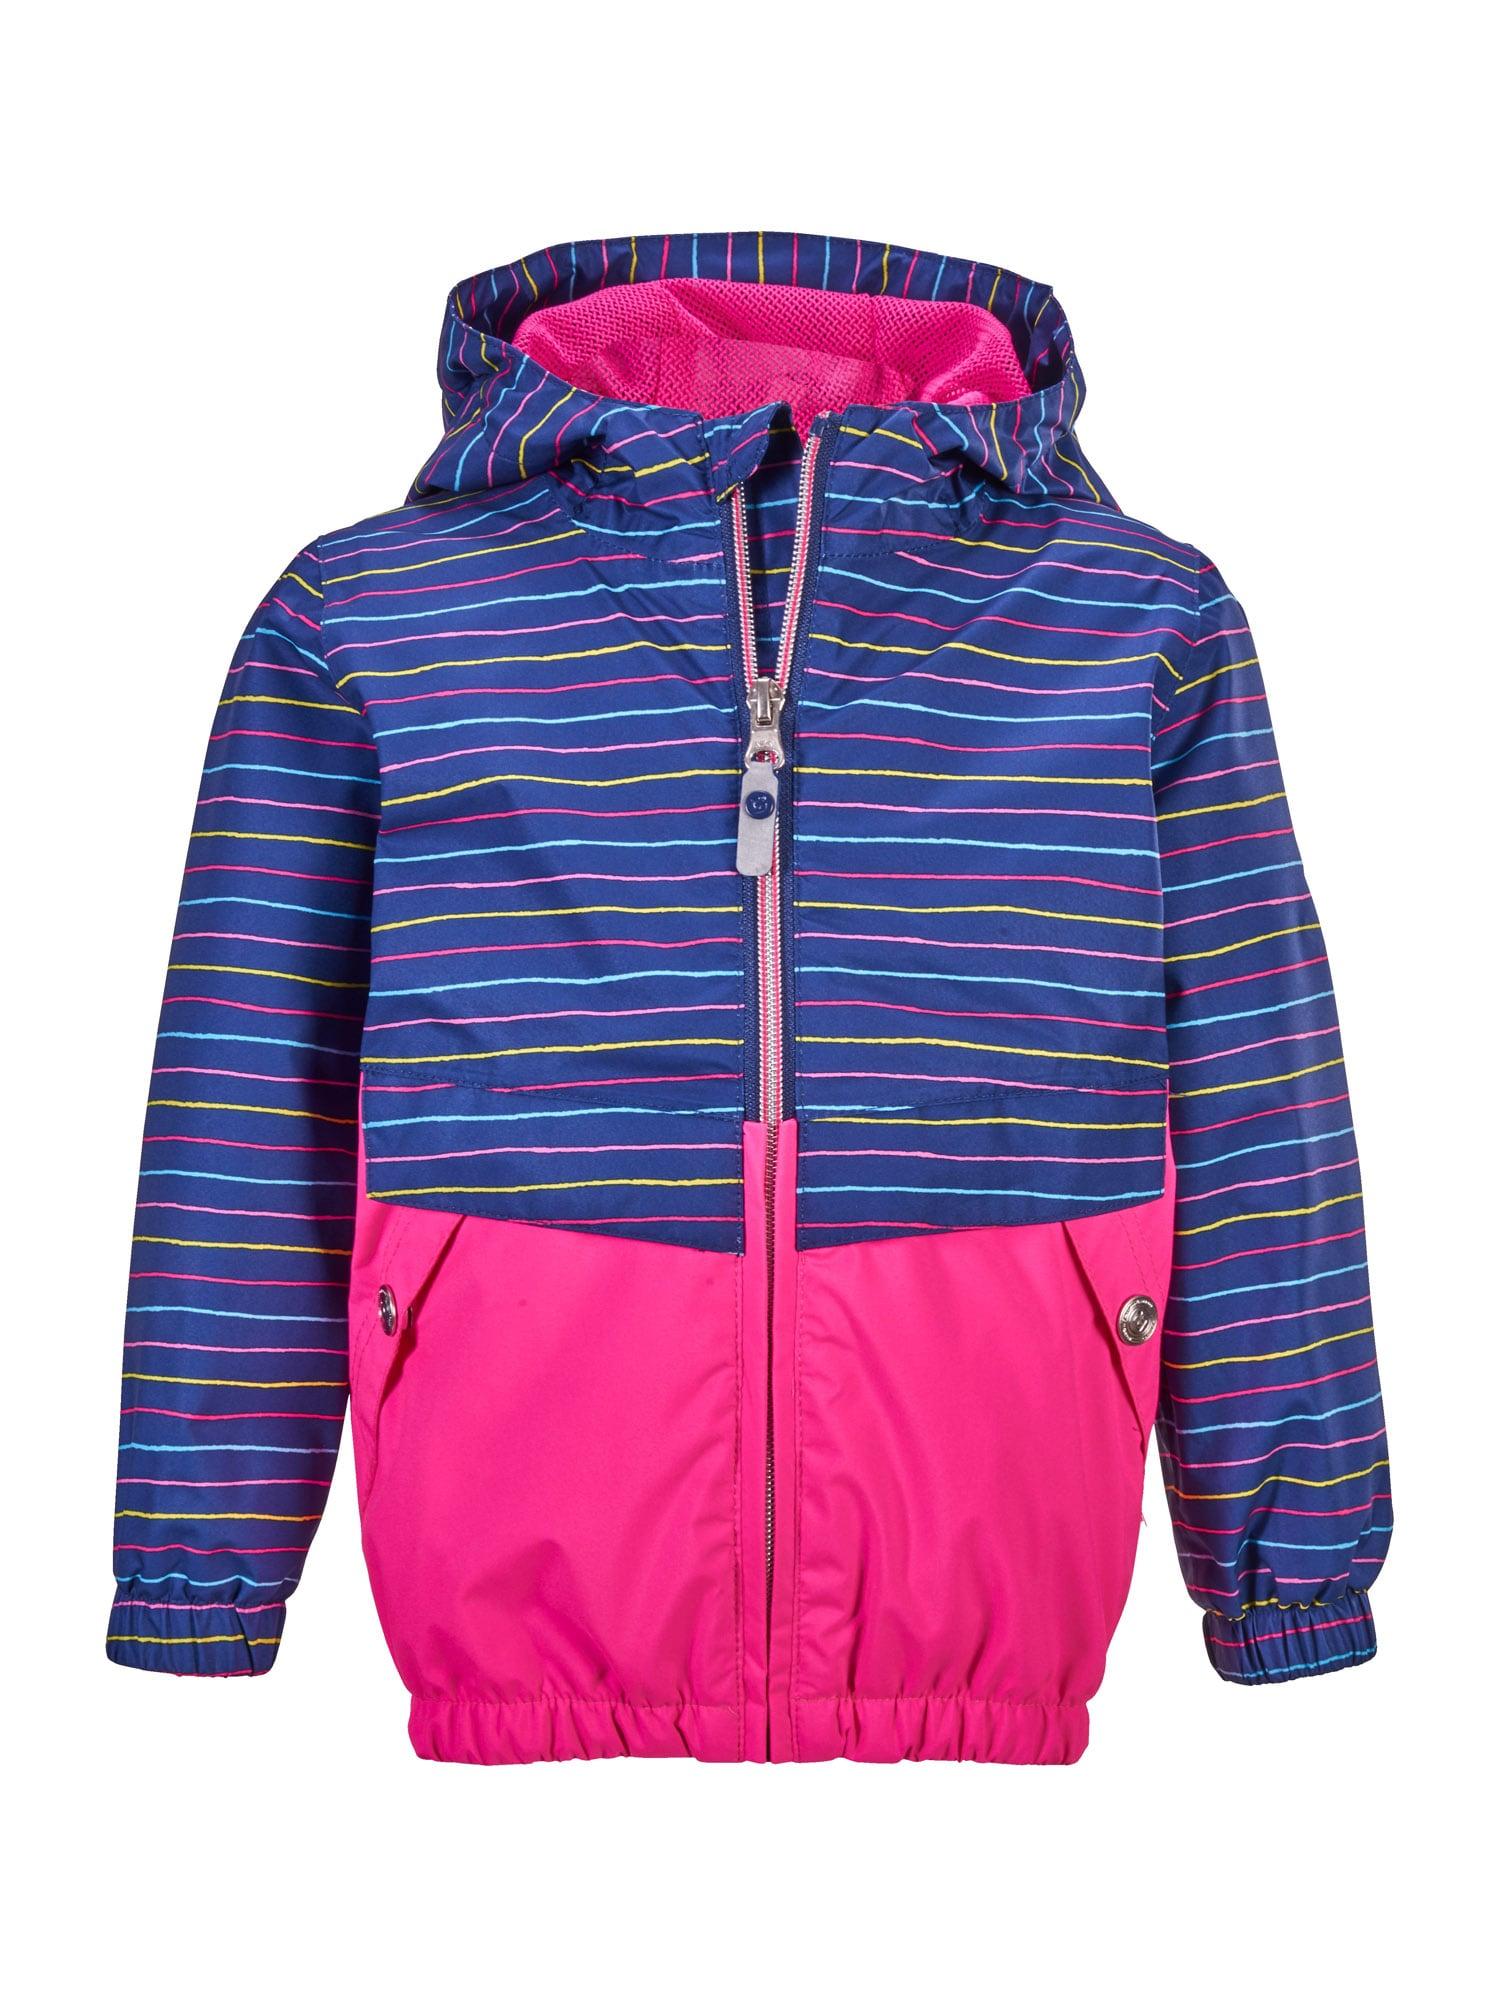 KILLTEC Laisvalaikio striukė neoninė rožinė / mėlyna / mišrios spalvos